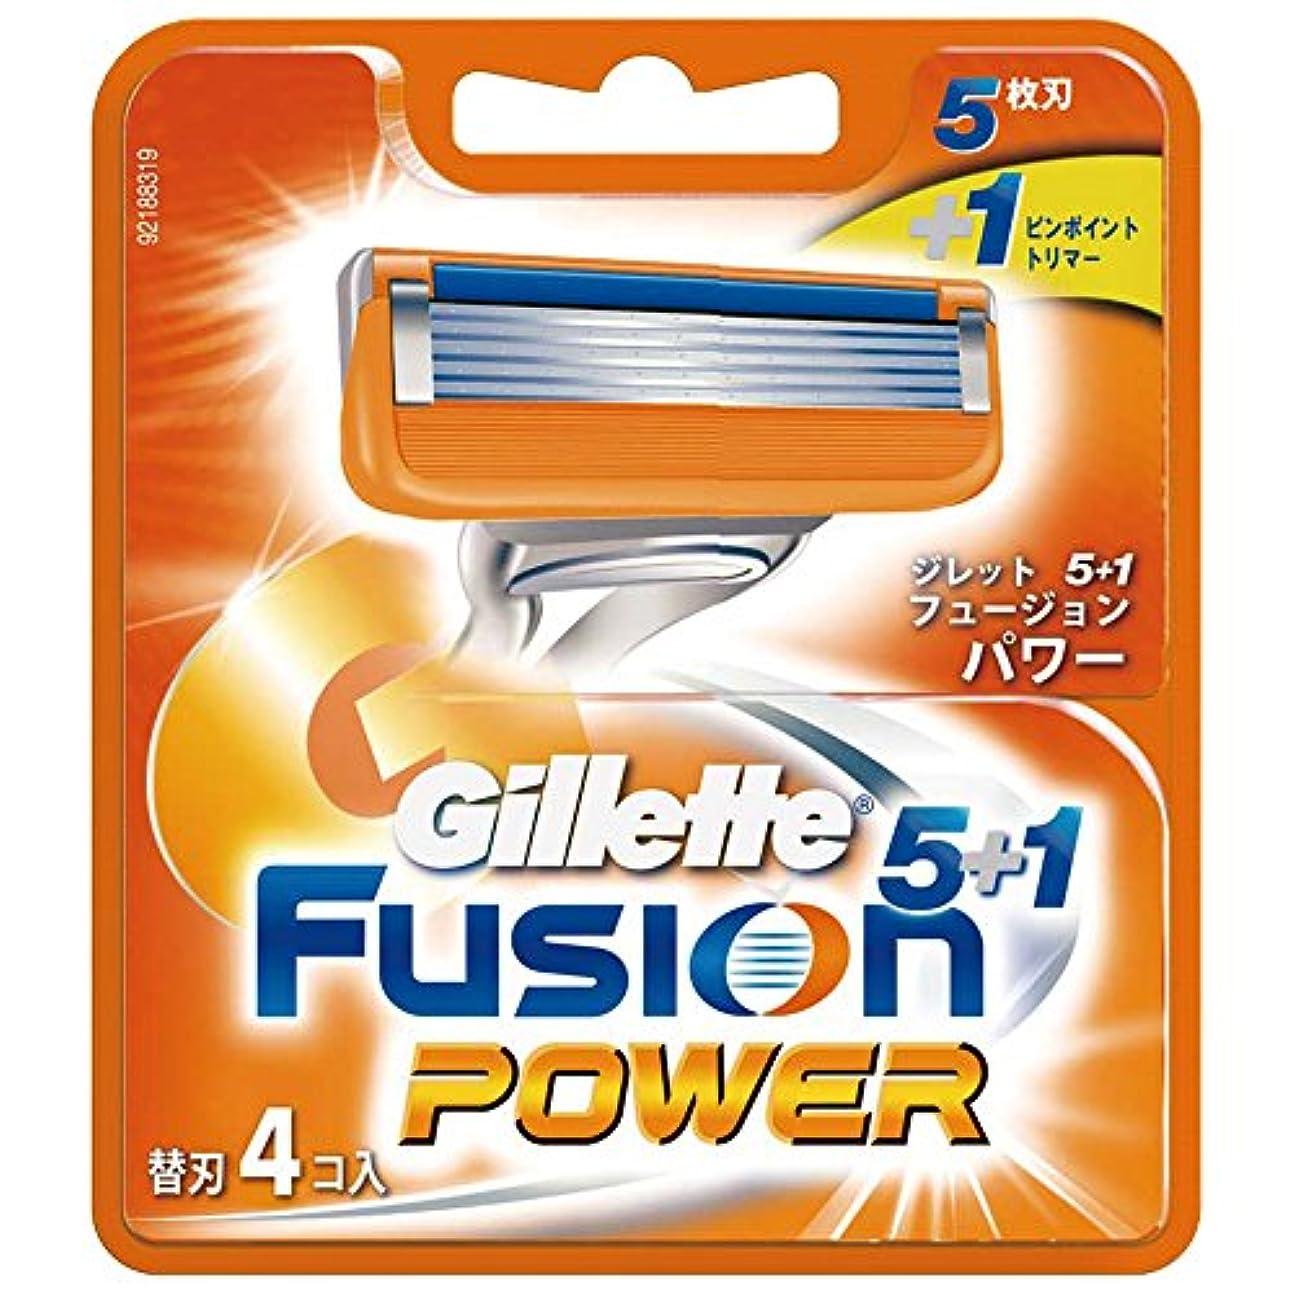 攻撃内陸コーヒージレット 髭剃り フュージョン5+1 パワー 替刃4個入